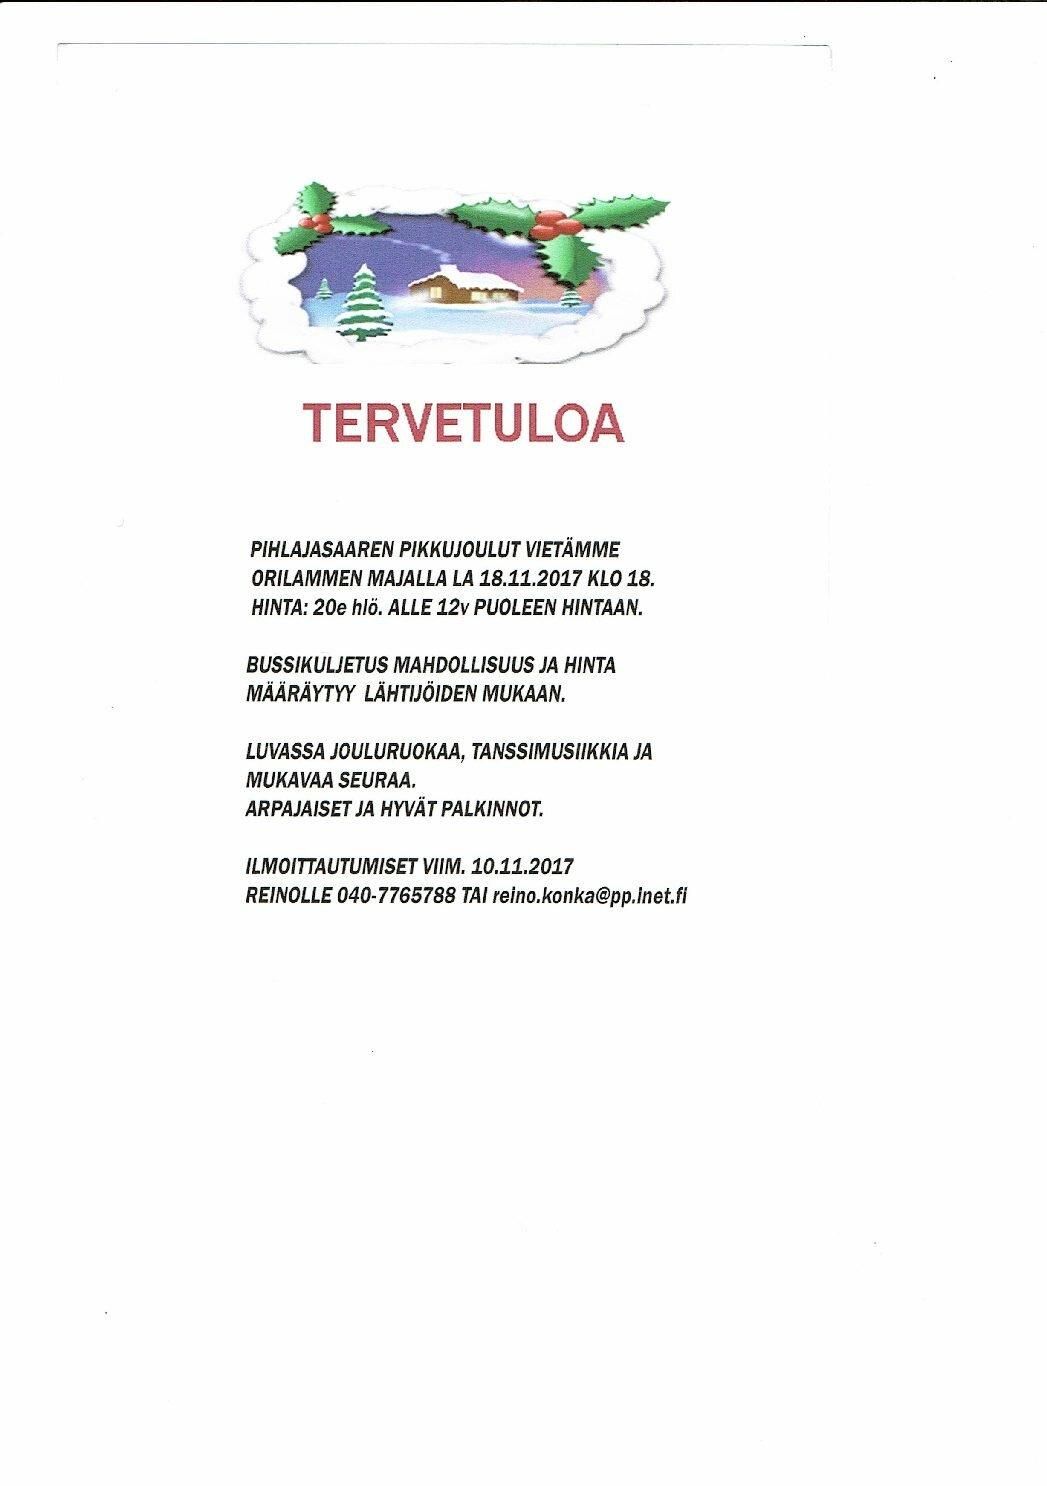 Pikkujoulut la 18.11.2017 Orilammen Majalla